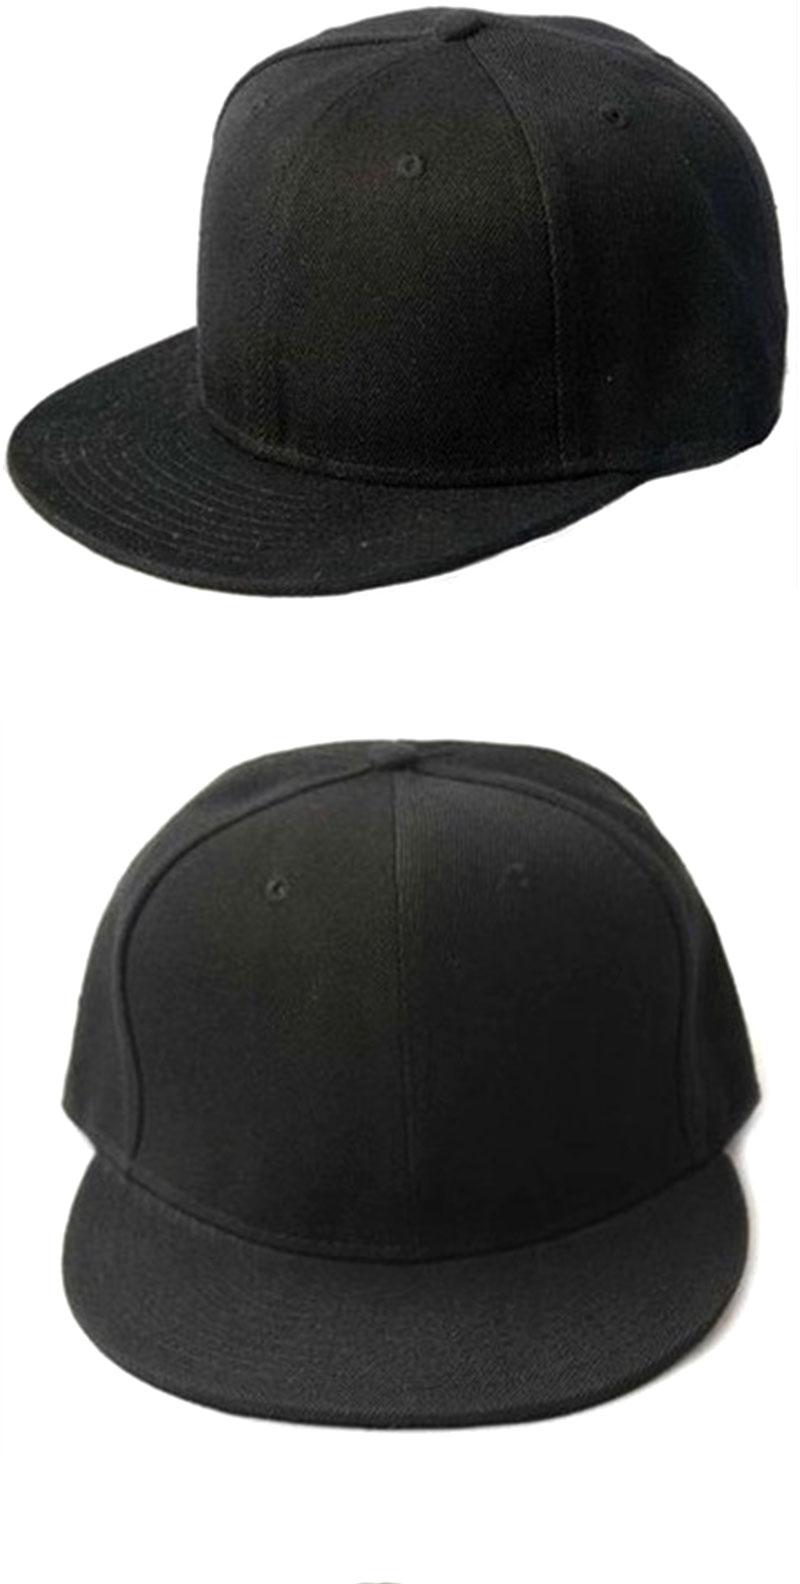 New Summer Baseball Unisex Cap Golf Caps Hip-hop Hat Solid Color Cap ... f754a805b161